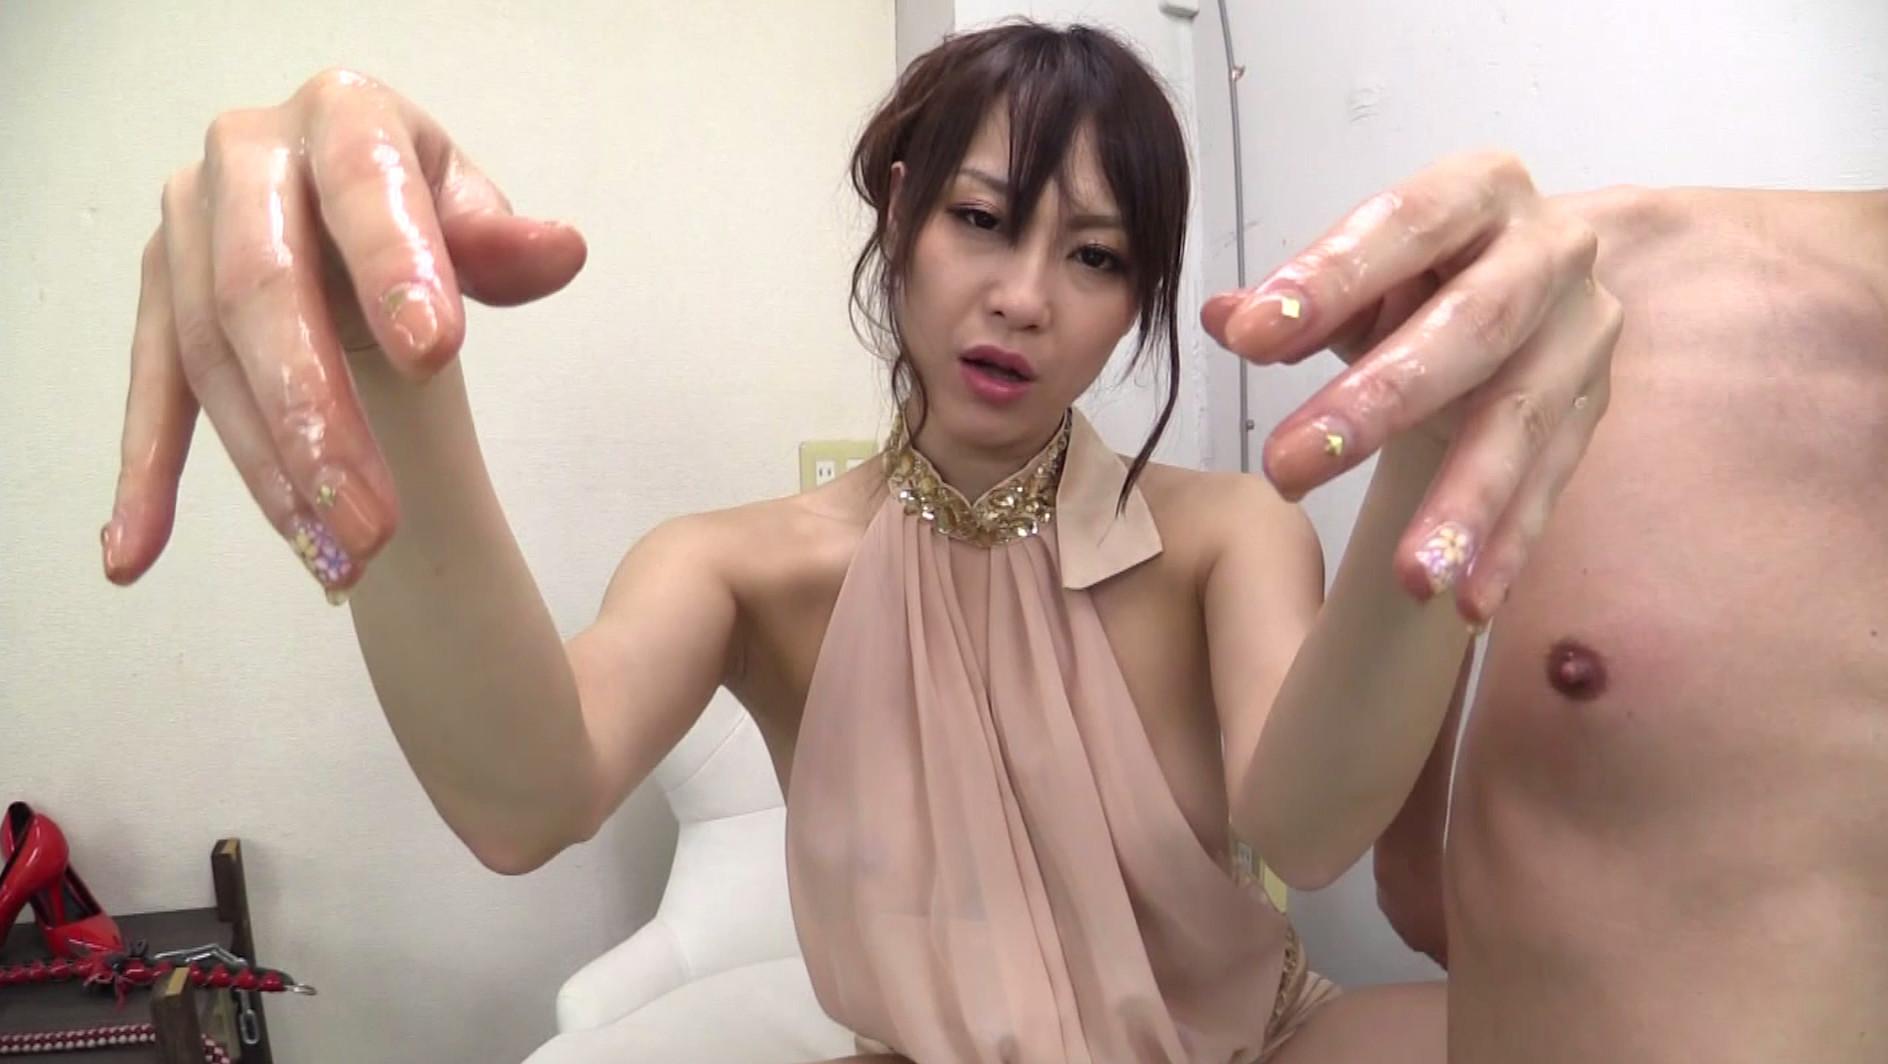 超絶テクニック!ゴッドハンドで男の潮吹き Vol.8 広瀬奈々美 画像17